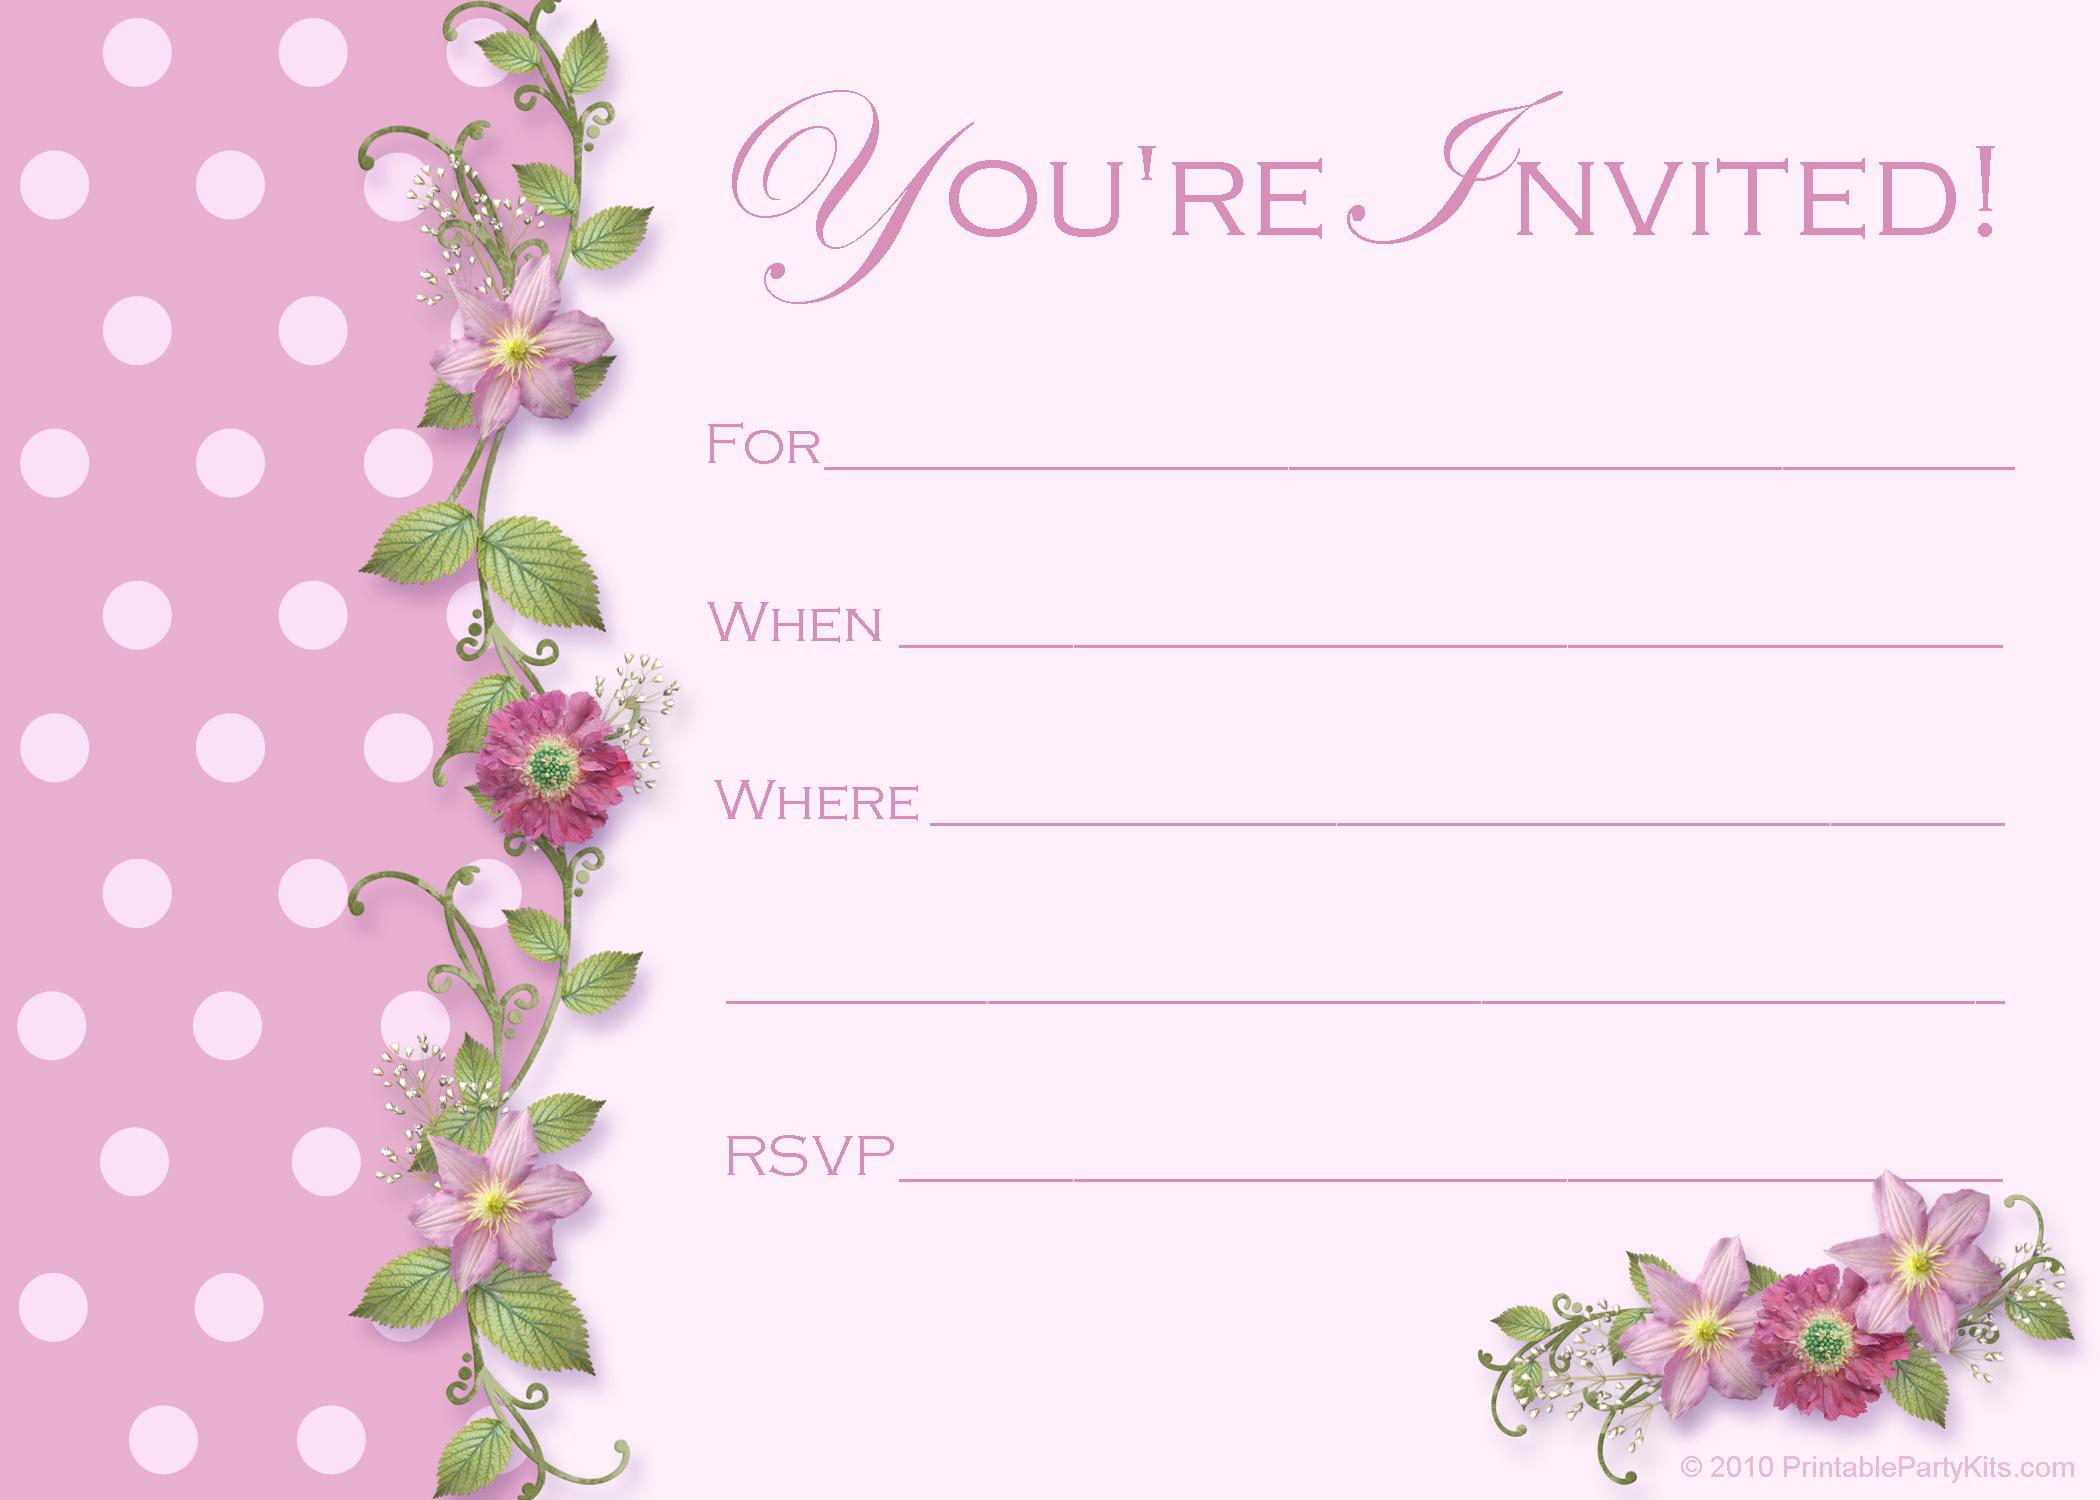 Free Pink Polka Dot Party Invitations - Printable Party Kits